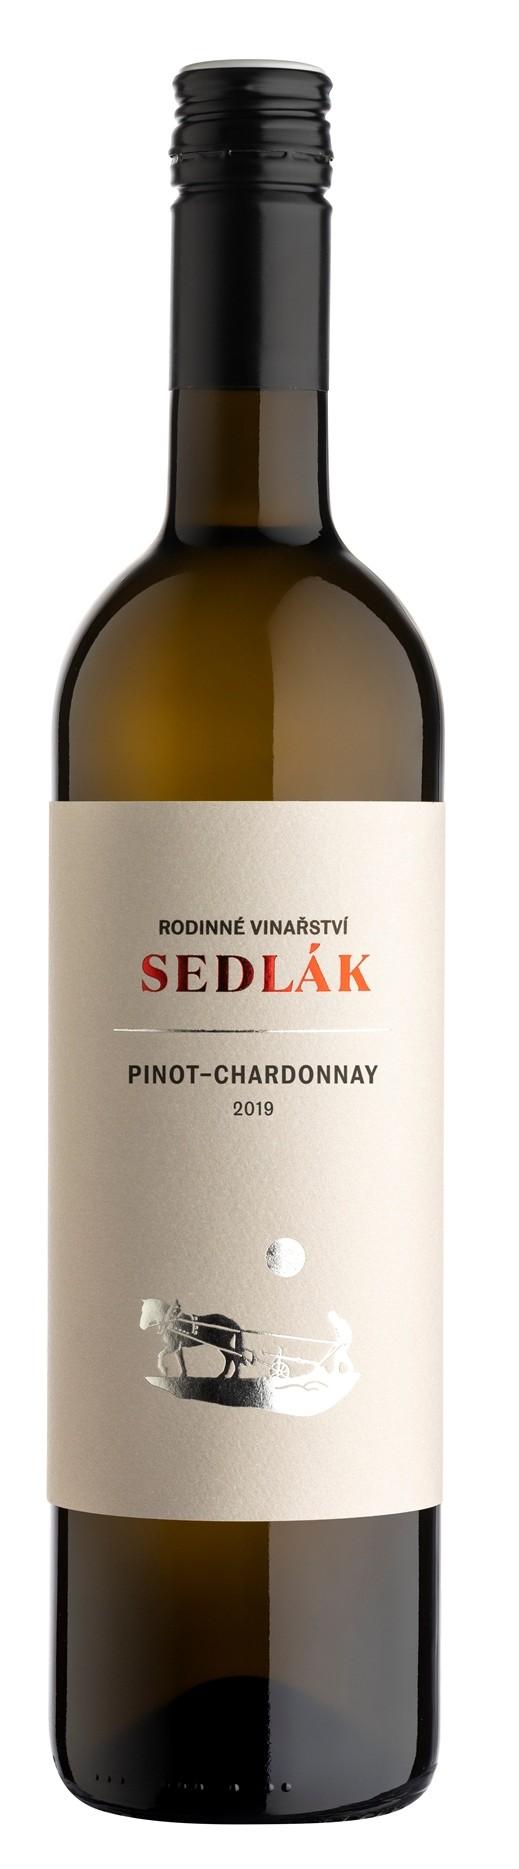 Pinot Chardonnay 2018, zemské, suché, Vinařství Sedlák